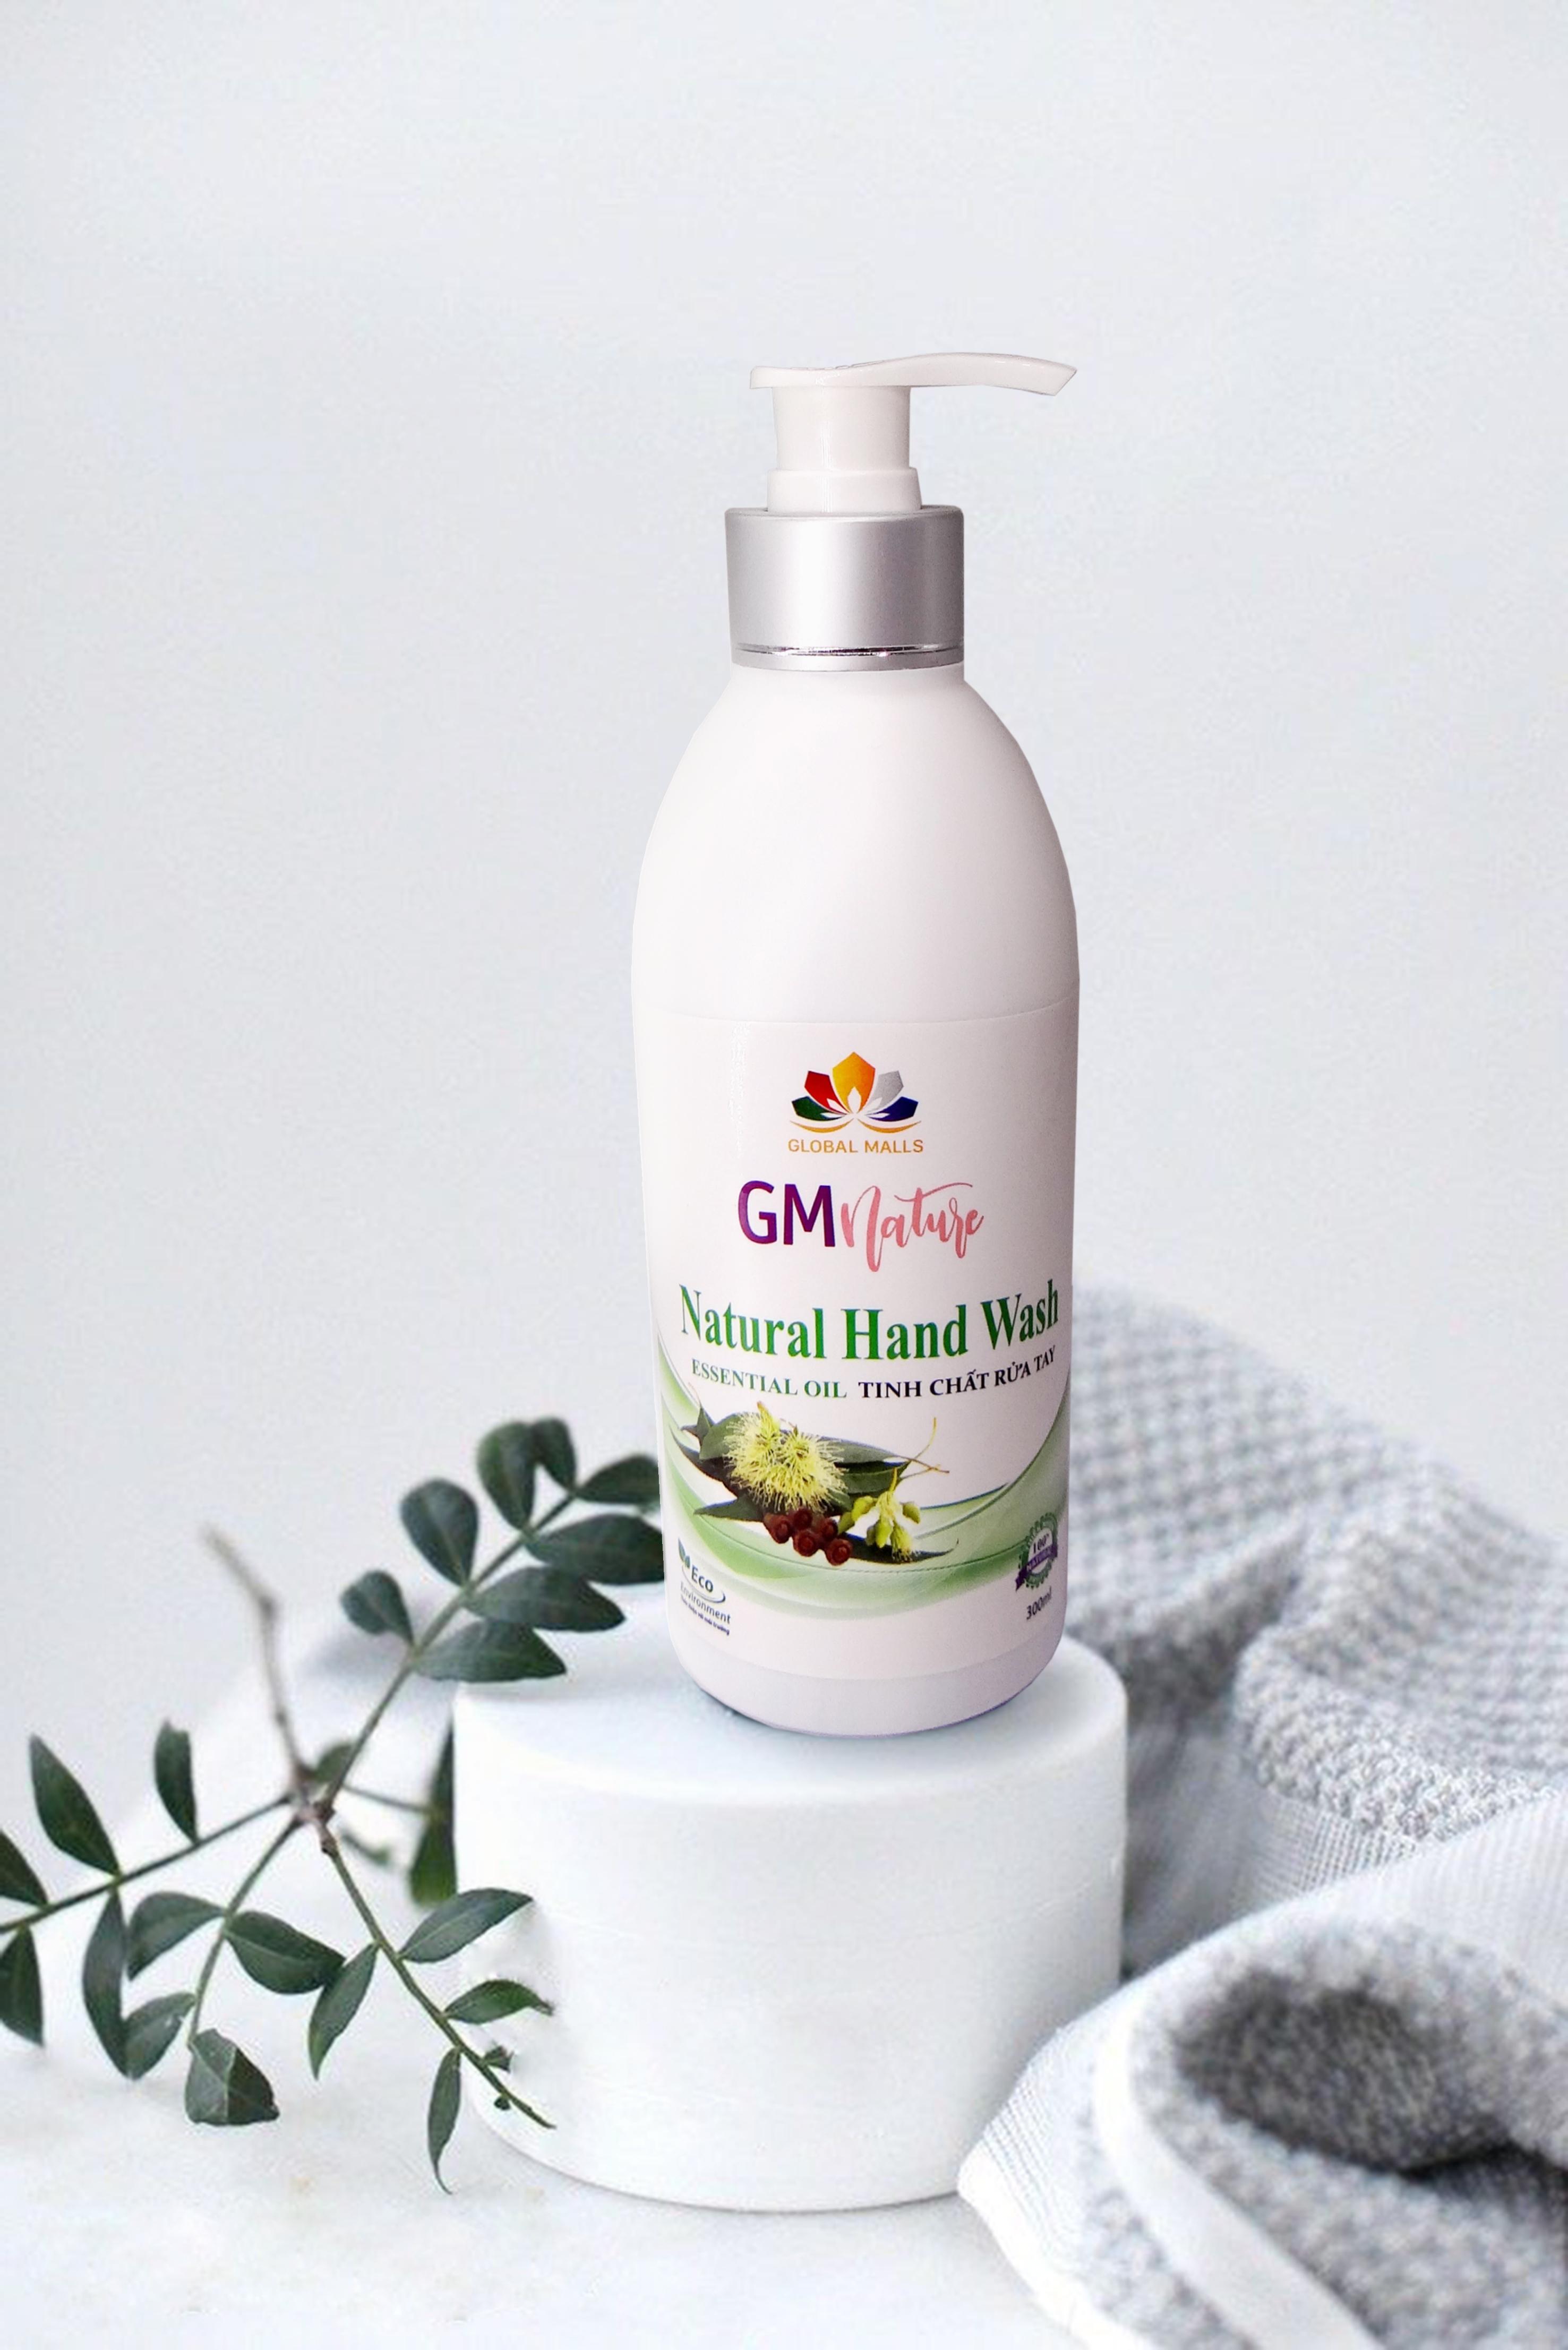 Nước rửa tay tự nhiên GMnature có thể diệt khuẩn tối ưu và có kiểu dáng độc đáo